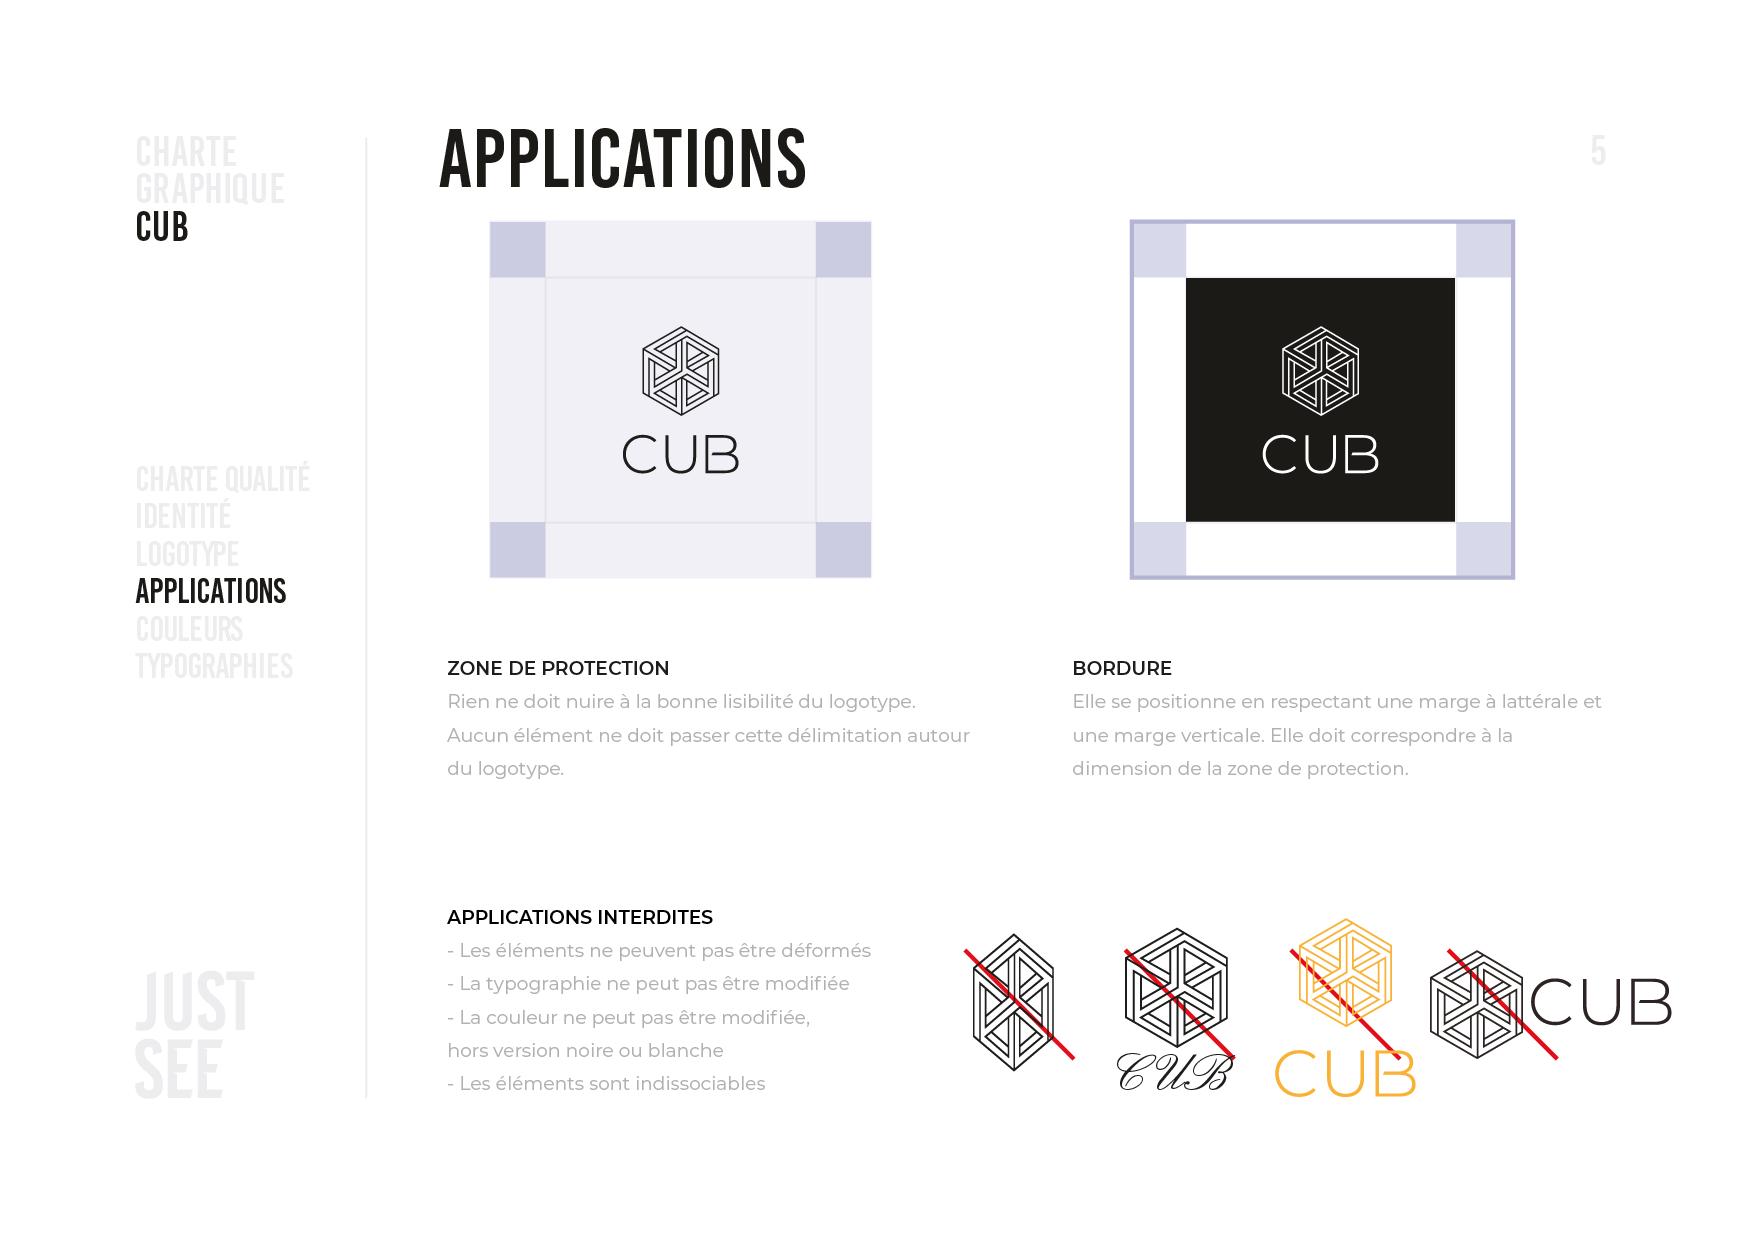 cub graphique 2019-06